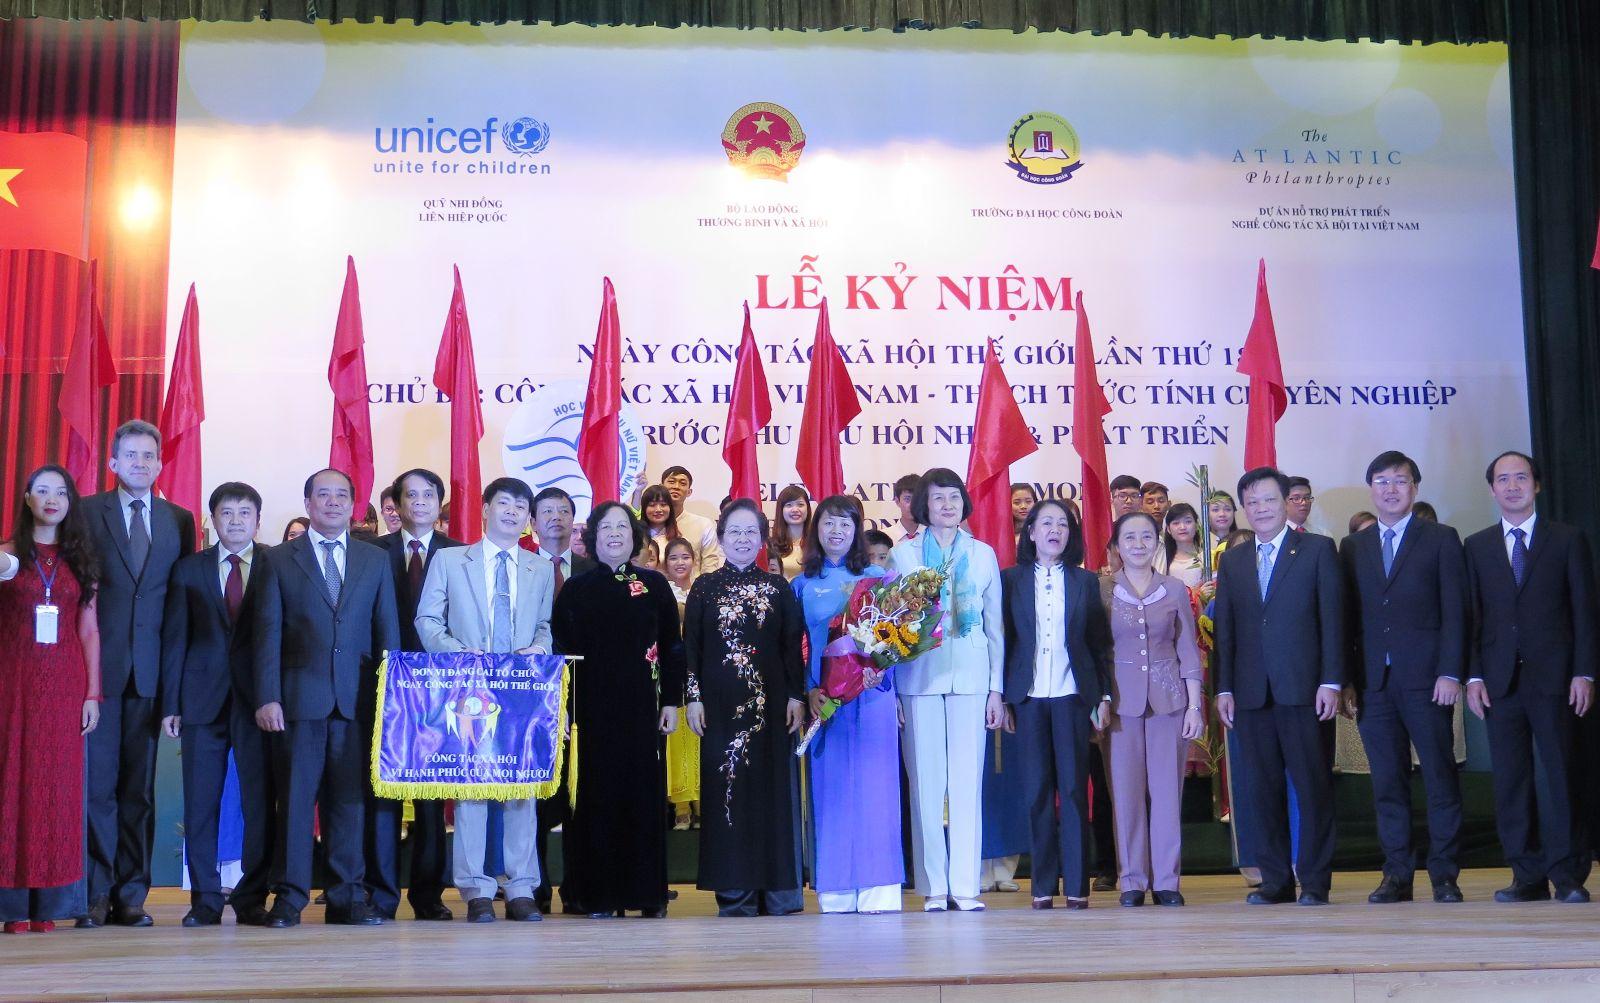 Học viện Phụ nữ Việt Nam tham gia Lễ kỷ niệm ngày hội Công tác xã hội thế giới lần thứ 18 và nhận cờ đăng cai tổ chức ngày hội CTXH lần thứ 19 vào năm 2016